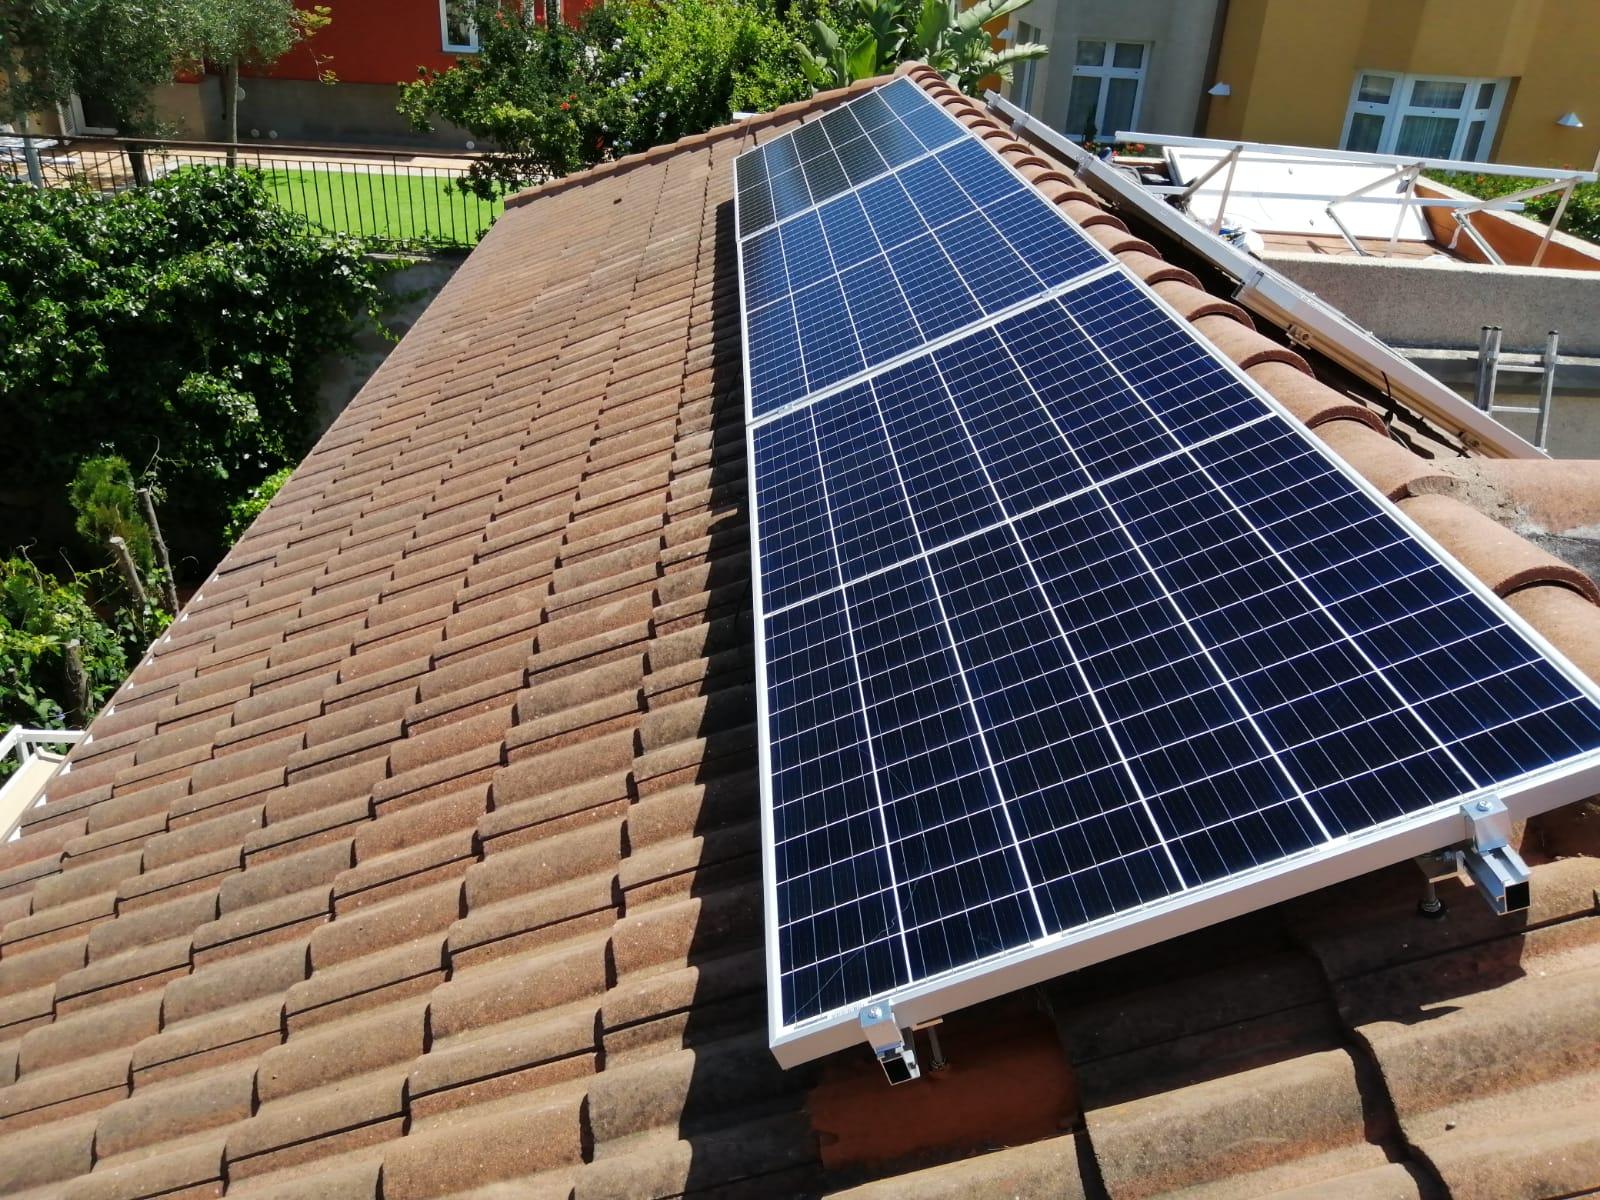 Instalación fotovoltaica 5kw - Santa Brigida